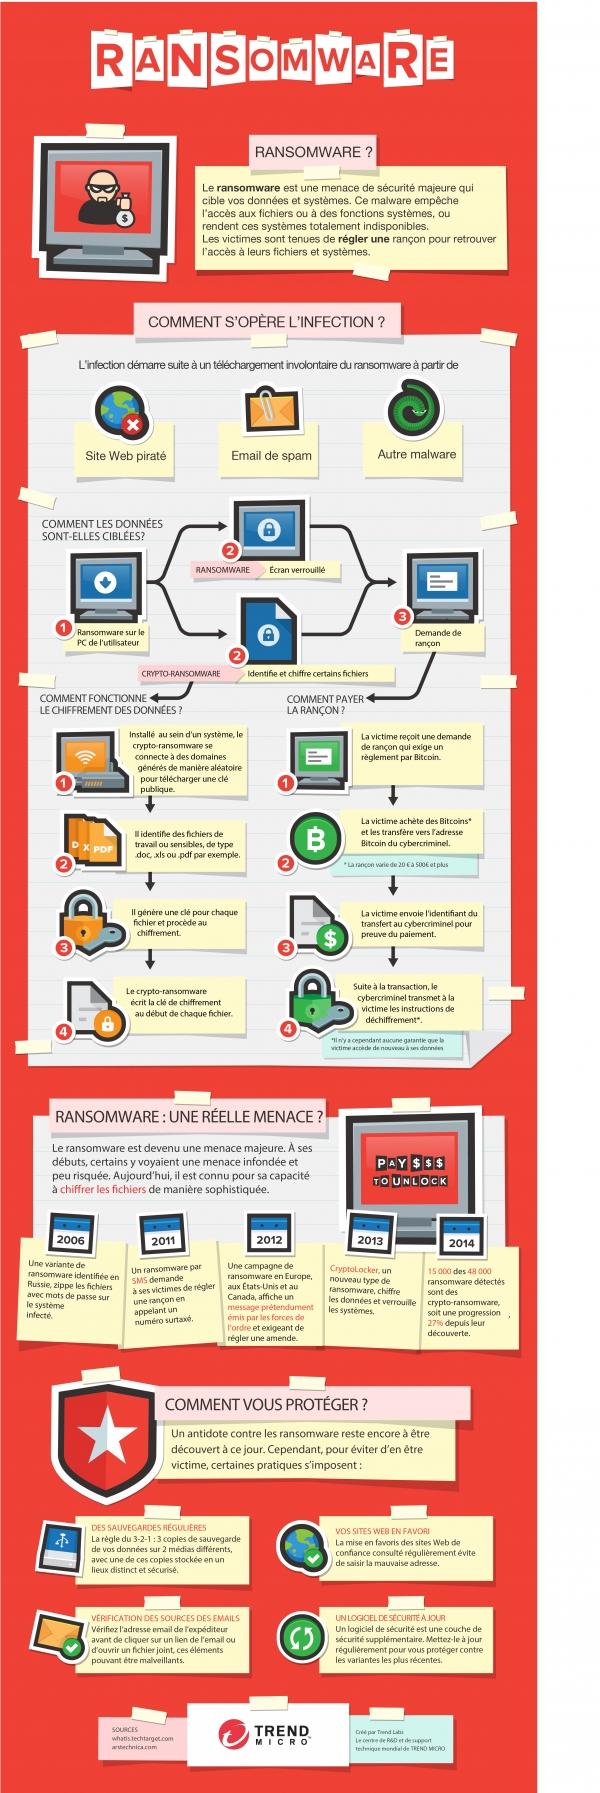 sécurité informatique des avocats : ransomware